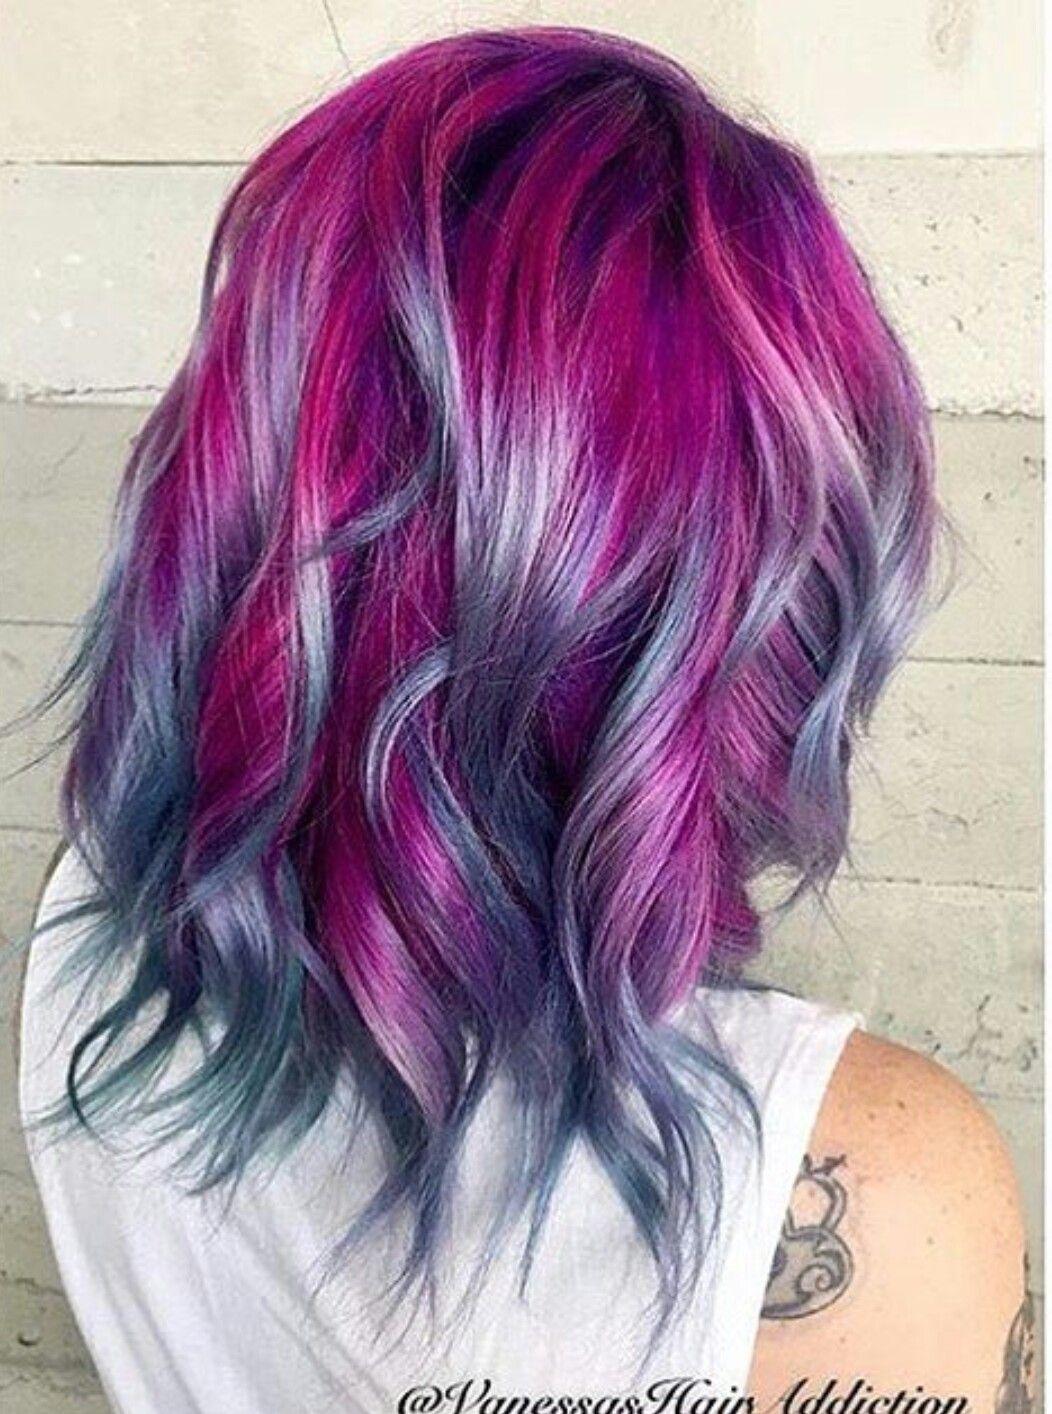 Magenta And Lilac Hair Short Hair Color Bright Hair Colors Bright Hair